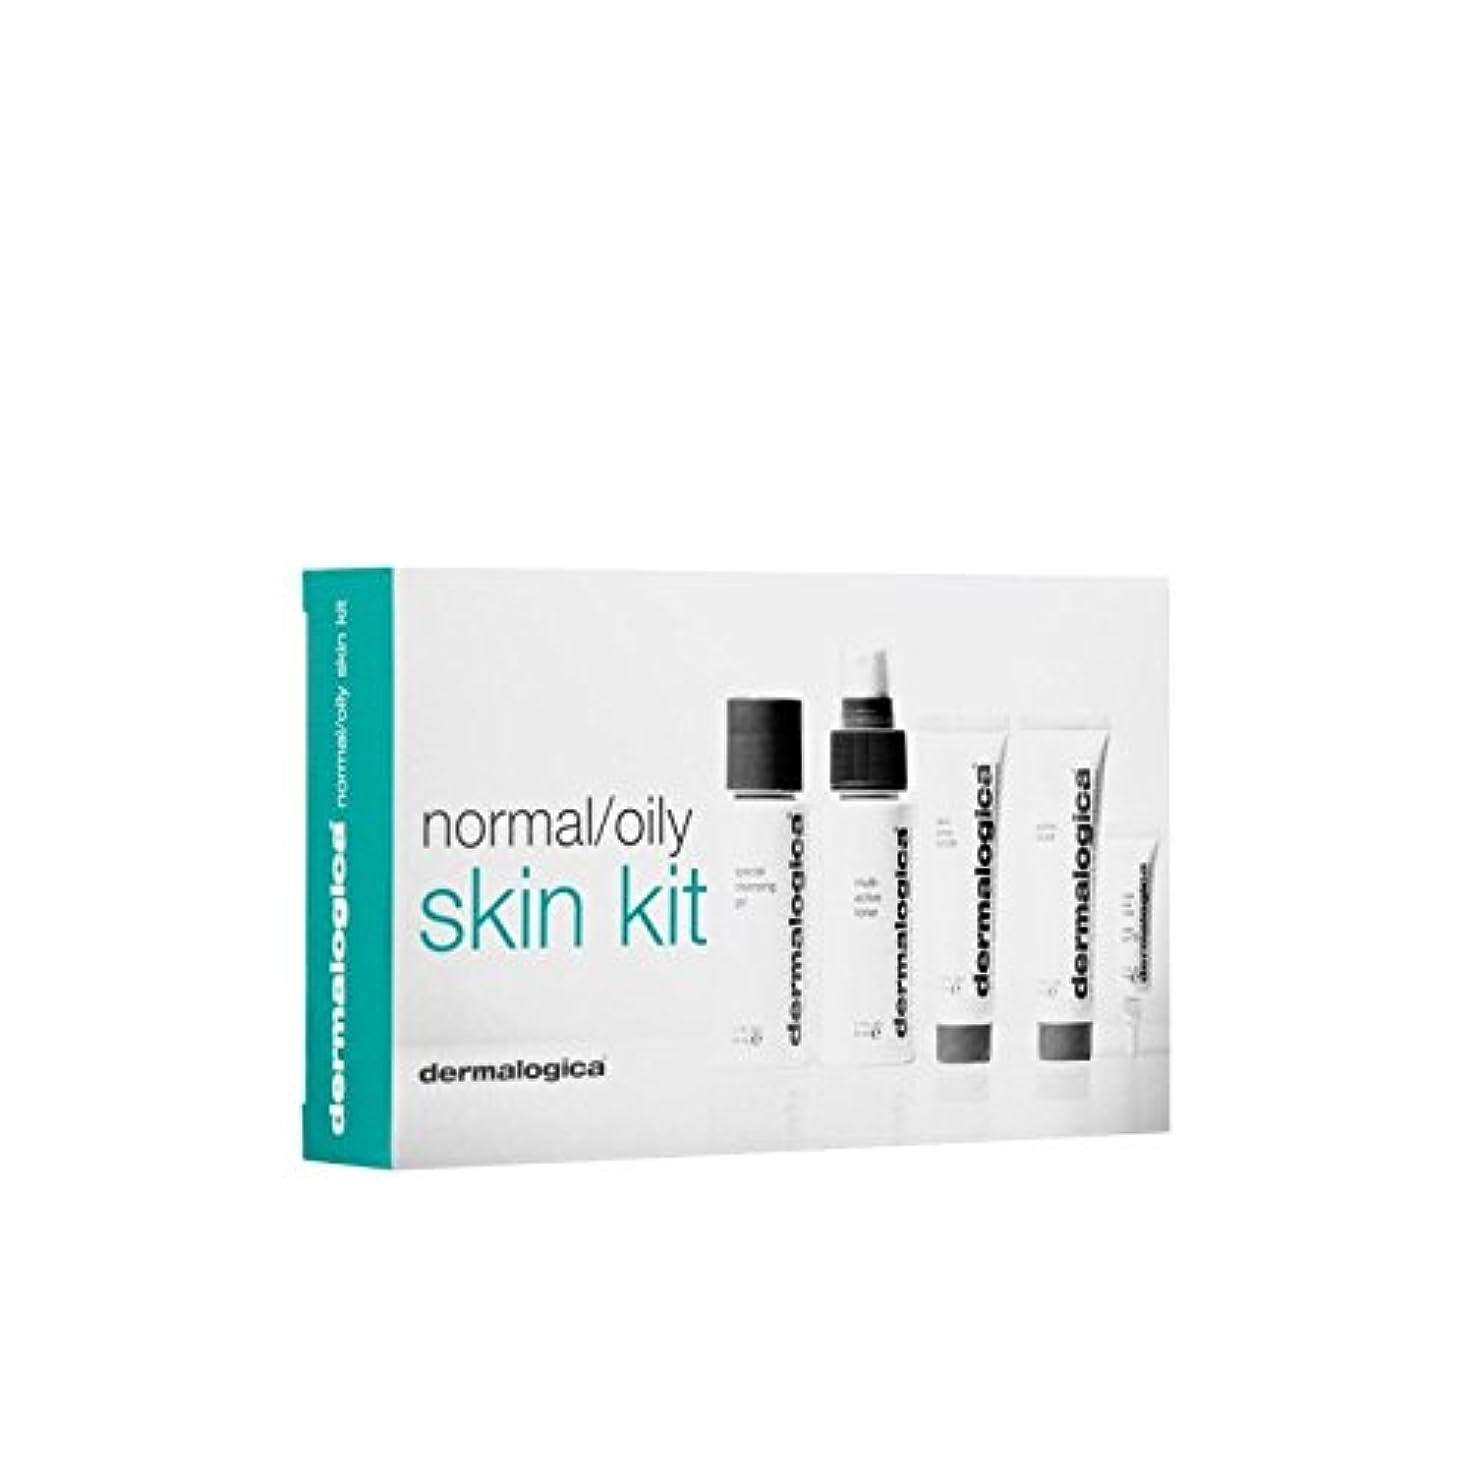 アラブ人アリトーンDermalogica Skin Kit - Normal/Oily (5 Products) - ダーマロジカスキンキット - ノーマル/オイリー(5製品) [並行輸入品]